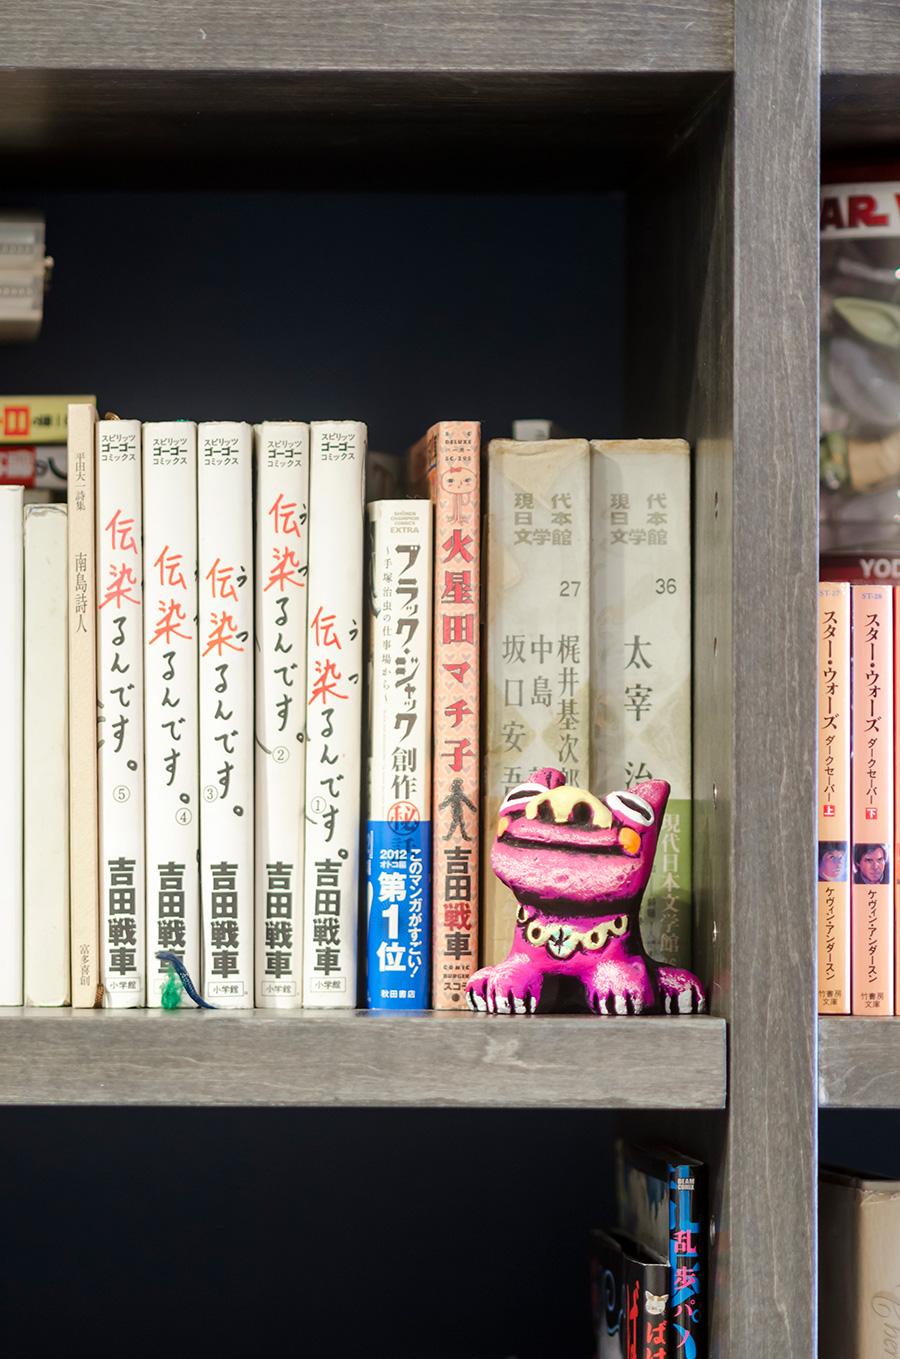 純文学や漫画、小説と幅広いジャンルの本が並ぶ。